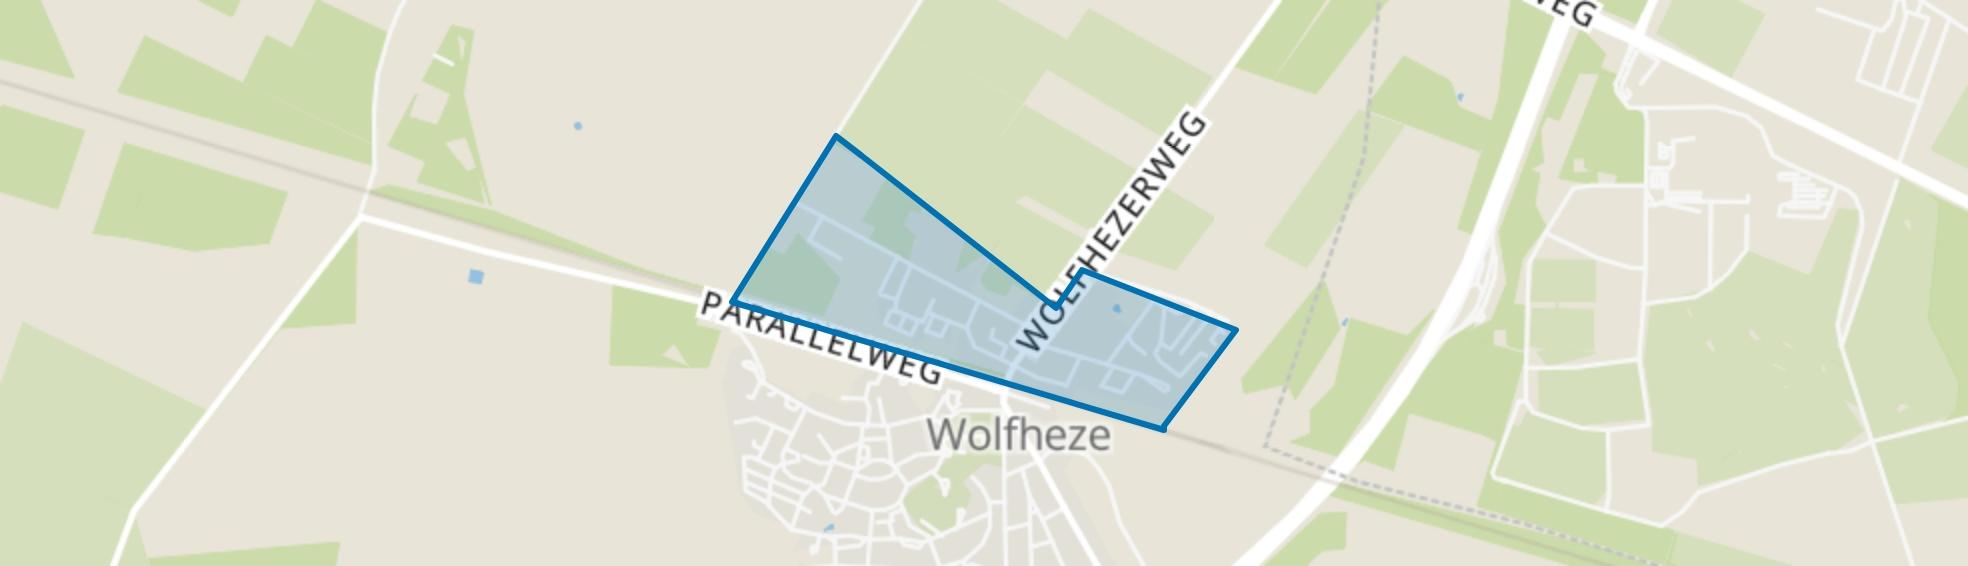 Duitsekampweg, Wolfheze map